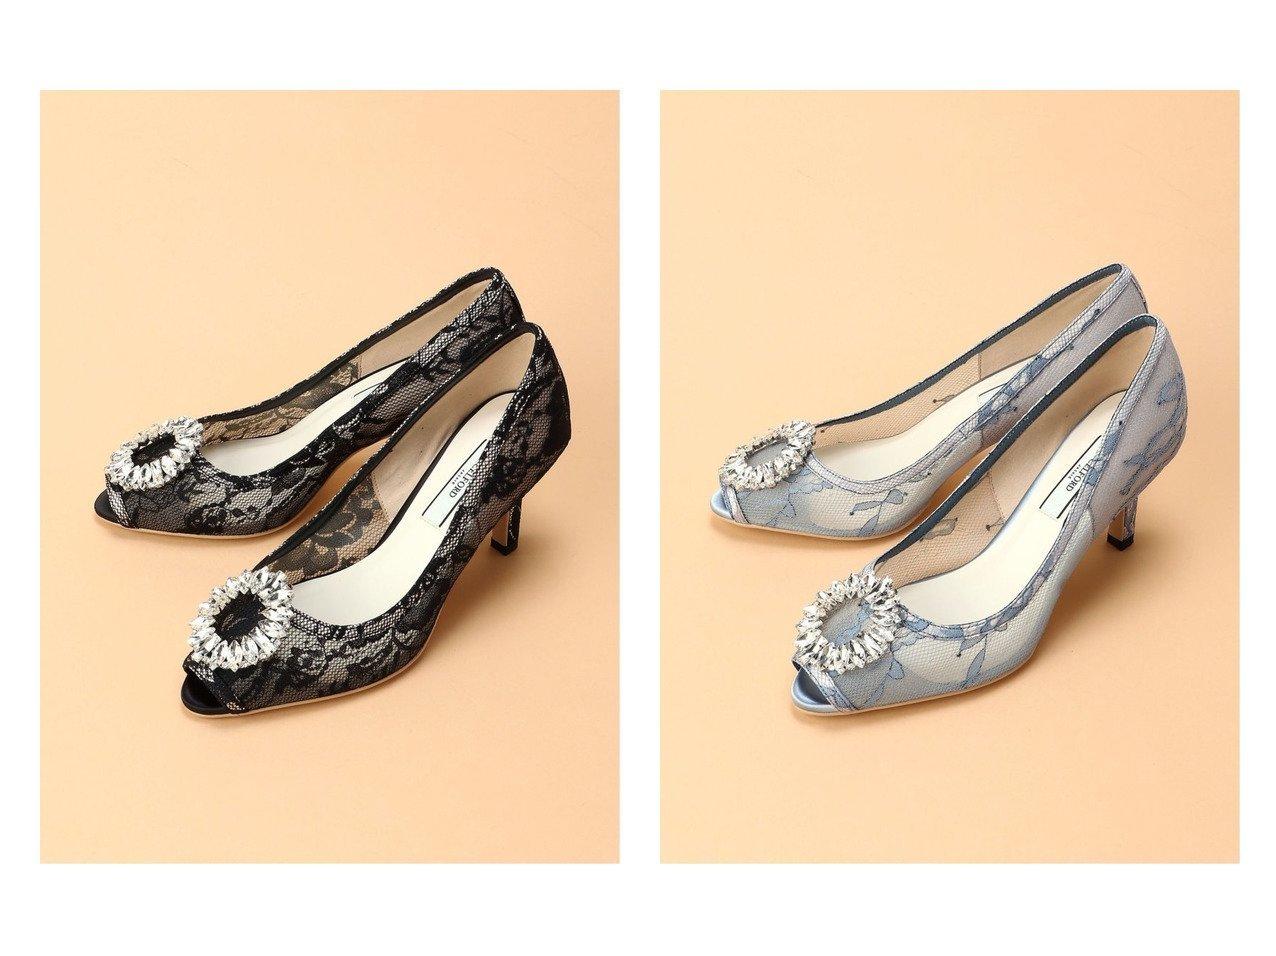 【CELFORD/セルフォード】のオープントゥレースシューズ シューズ・靴のおすすめ!人気、トレンド・レディースファッションの通販  おすすめで人気の流行・トレンド、ファッションの通販商品 メンズファッション・キッズファッション・インテリア・家具・レディースファッション・服の通販 founy(ファニー) https://founy.com/ ファッション Fashion レディースファッション WOMEN シューズ フロント メタル  ID:crp329100000009853